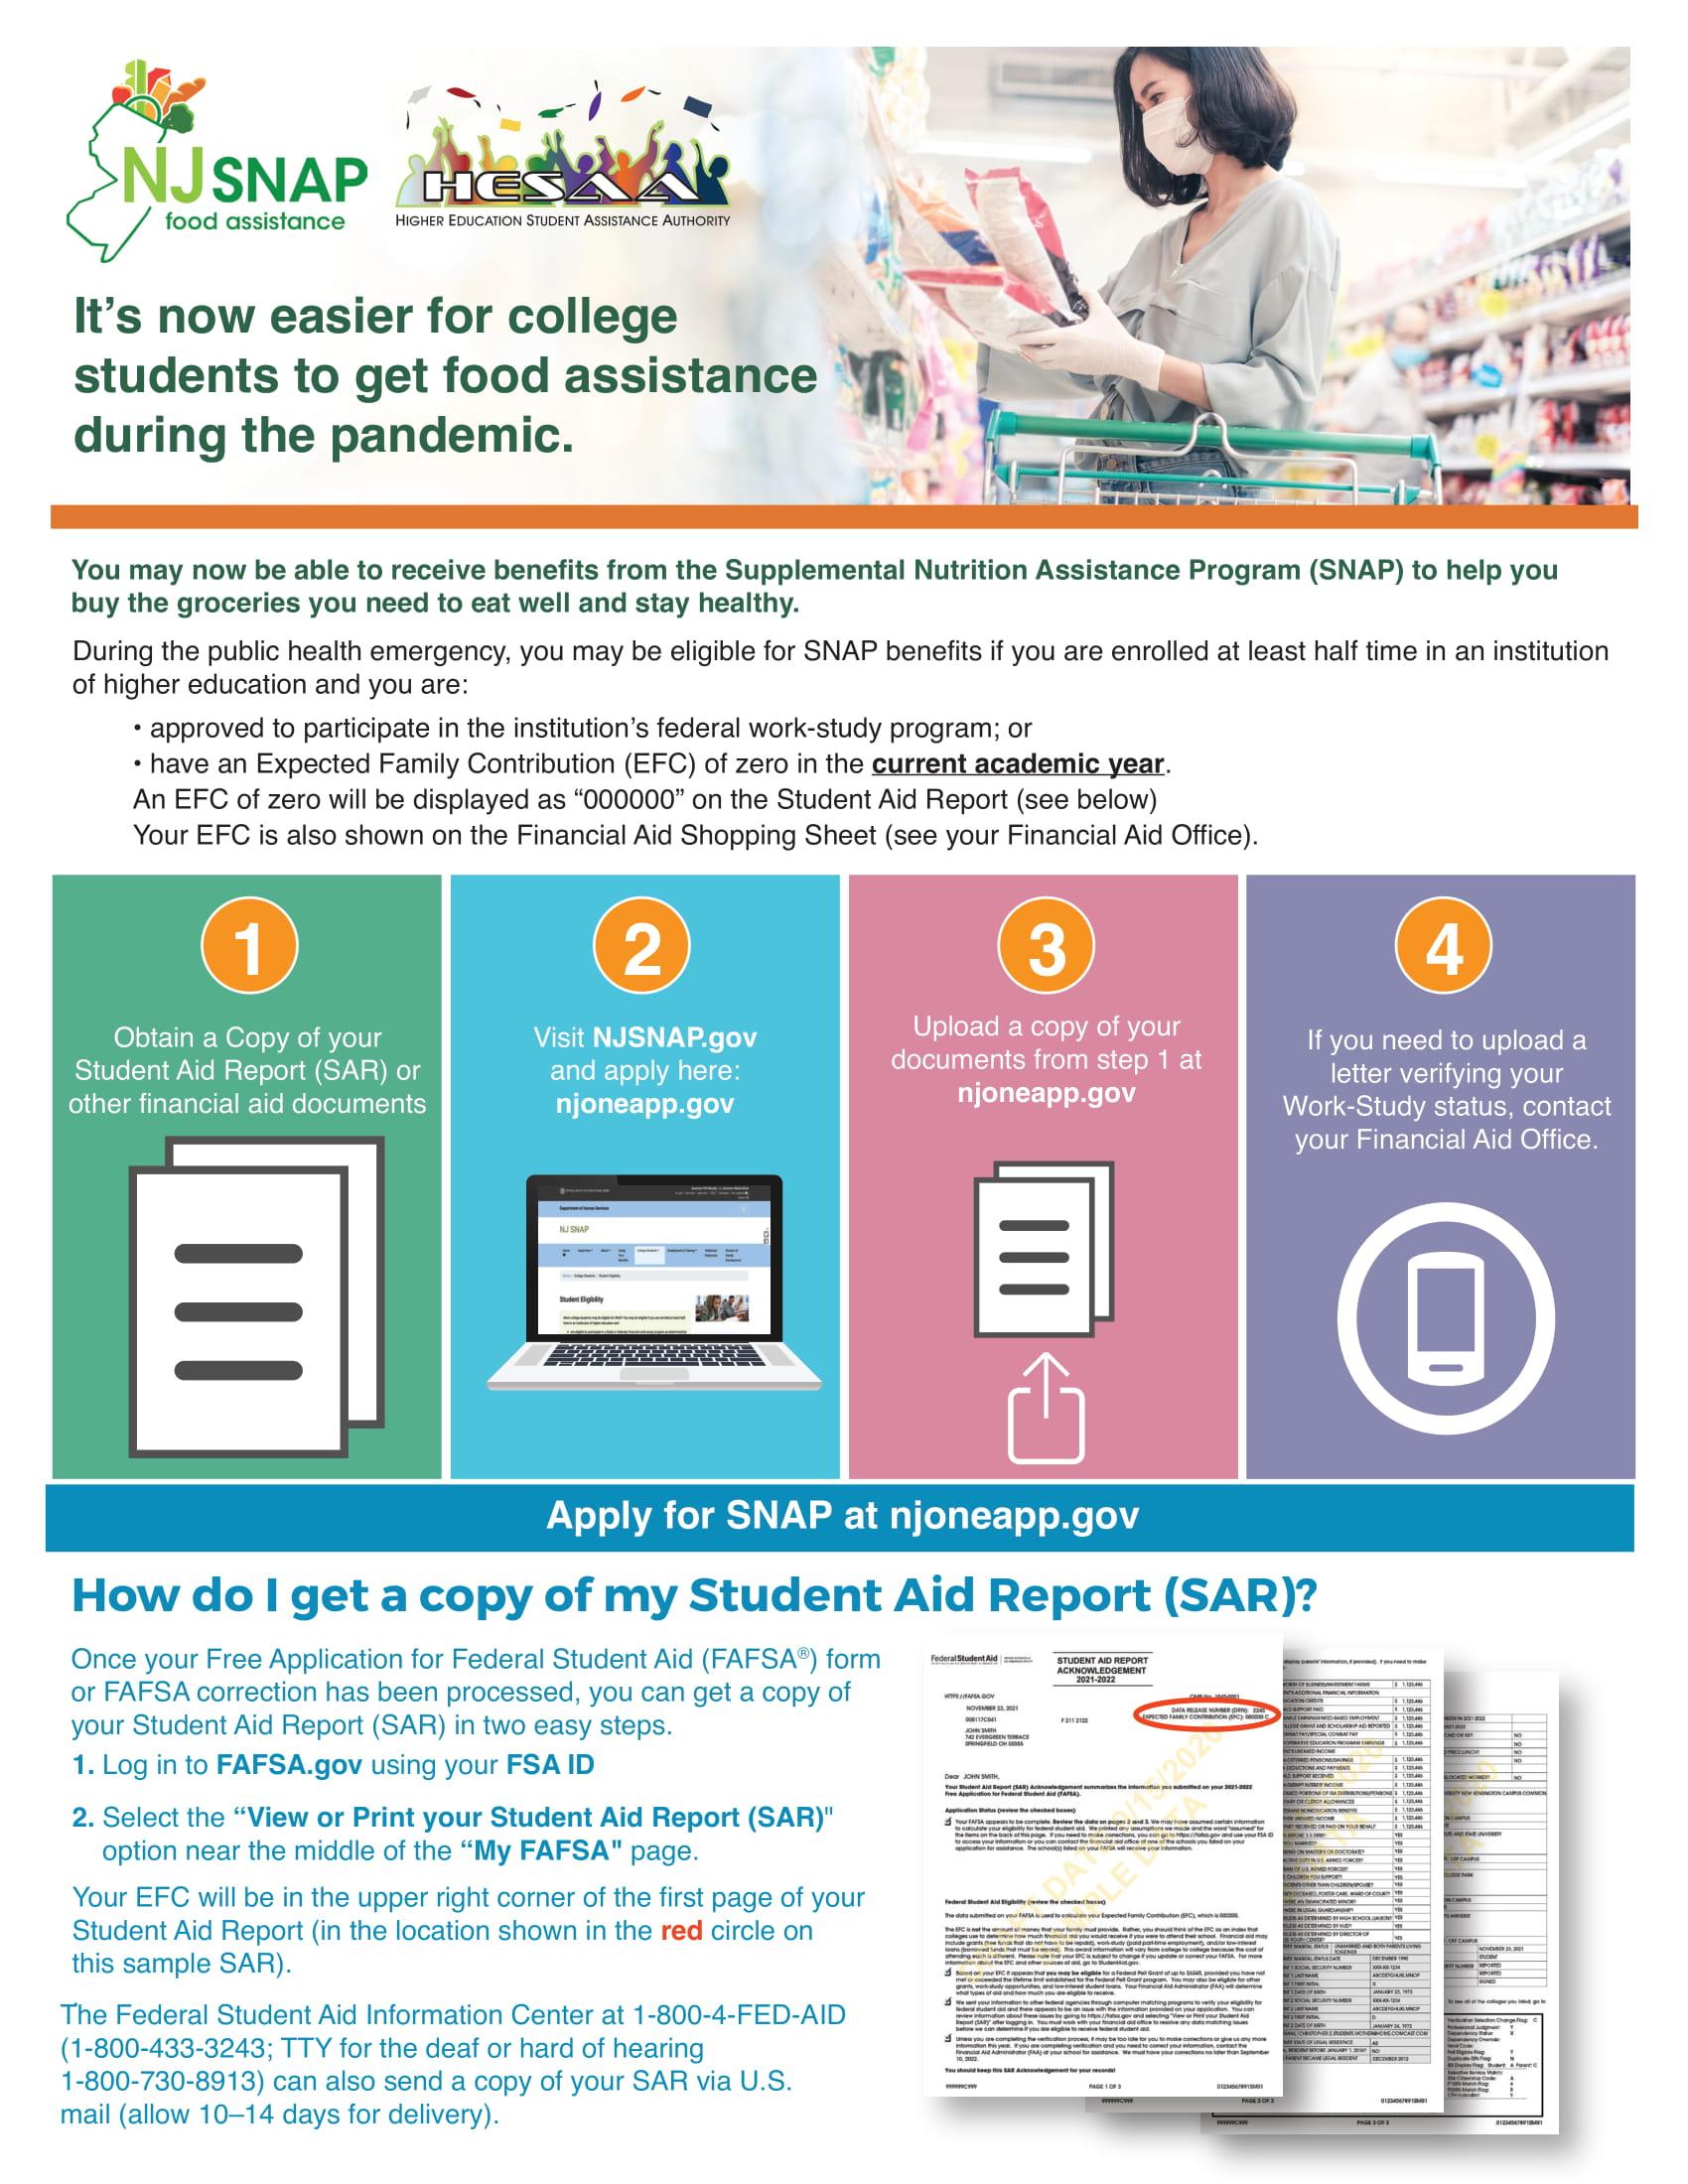 The NJ SNAP Benefits flyer.